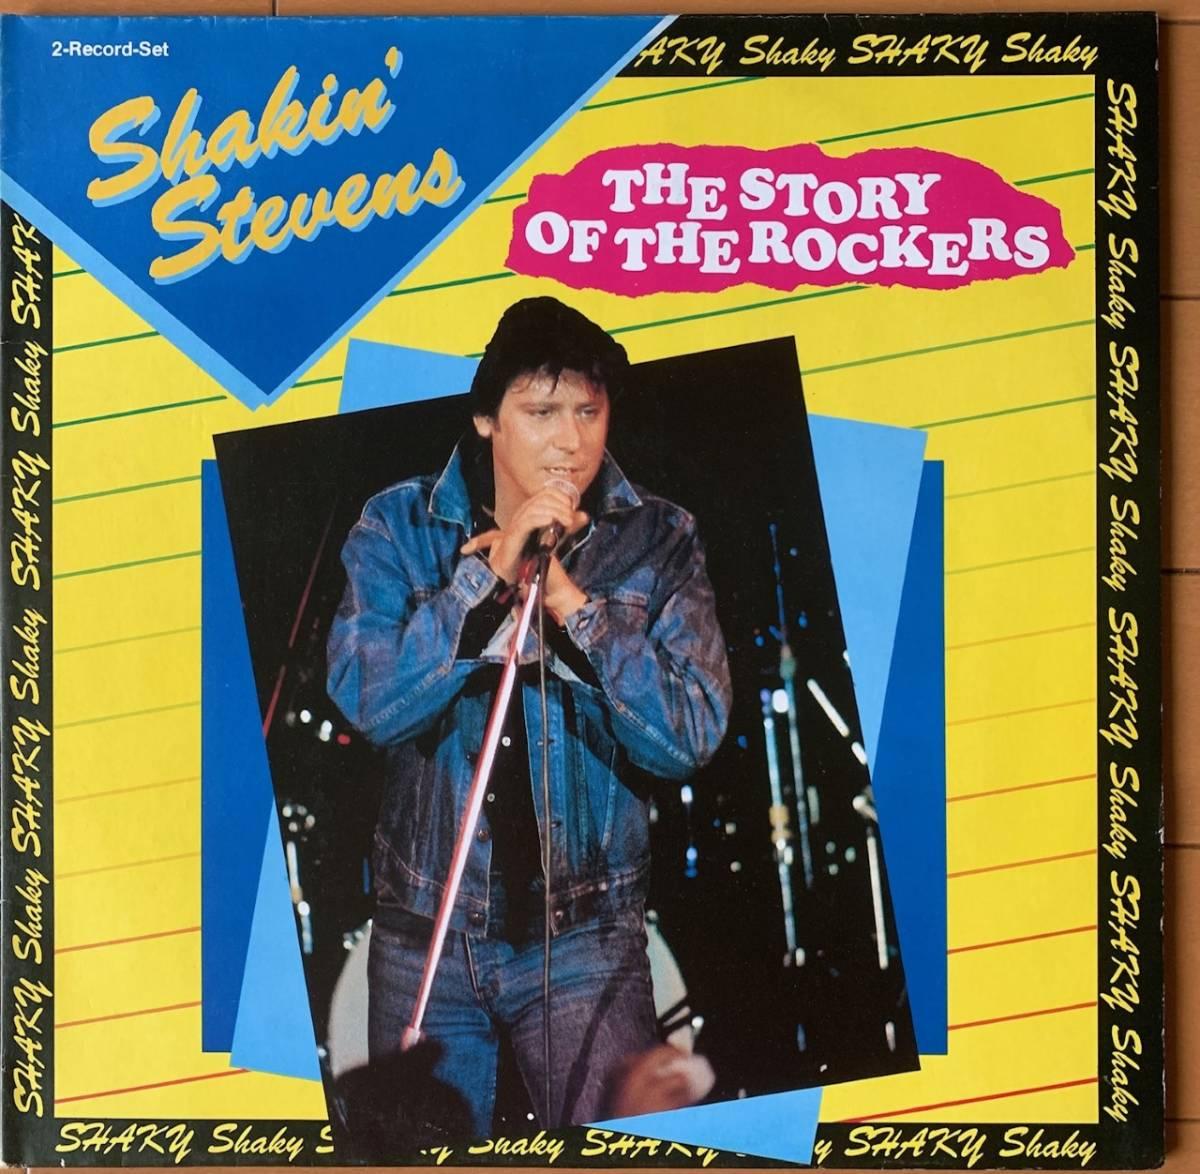 【値下】SHAKIN'STEVENS ネオロカ 2LP 1984年 ASTAN 2枚組 ロカビリー 名曲多数 好内容_画像1